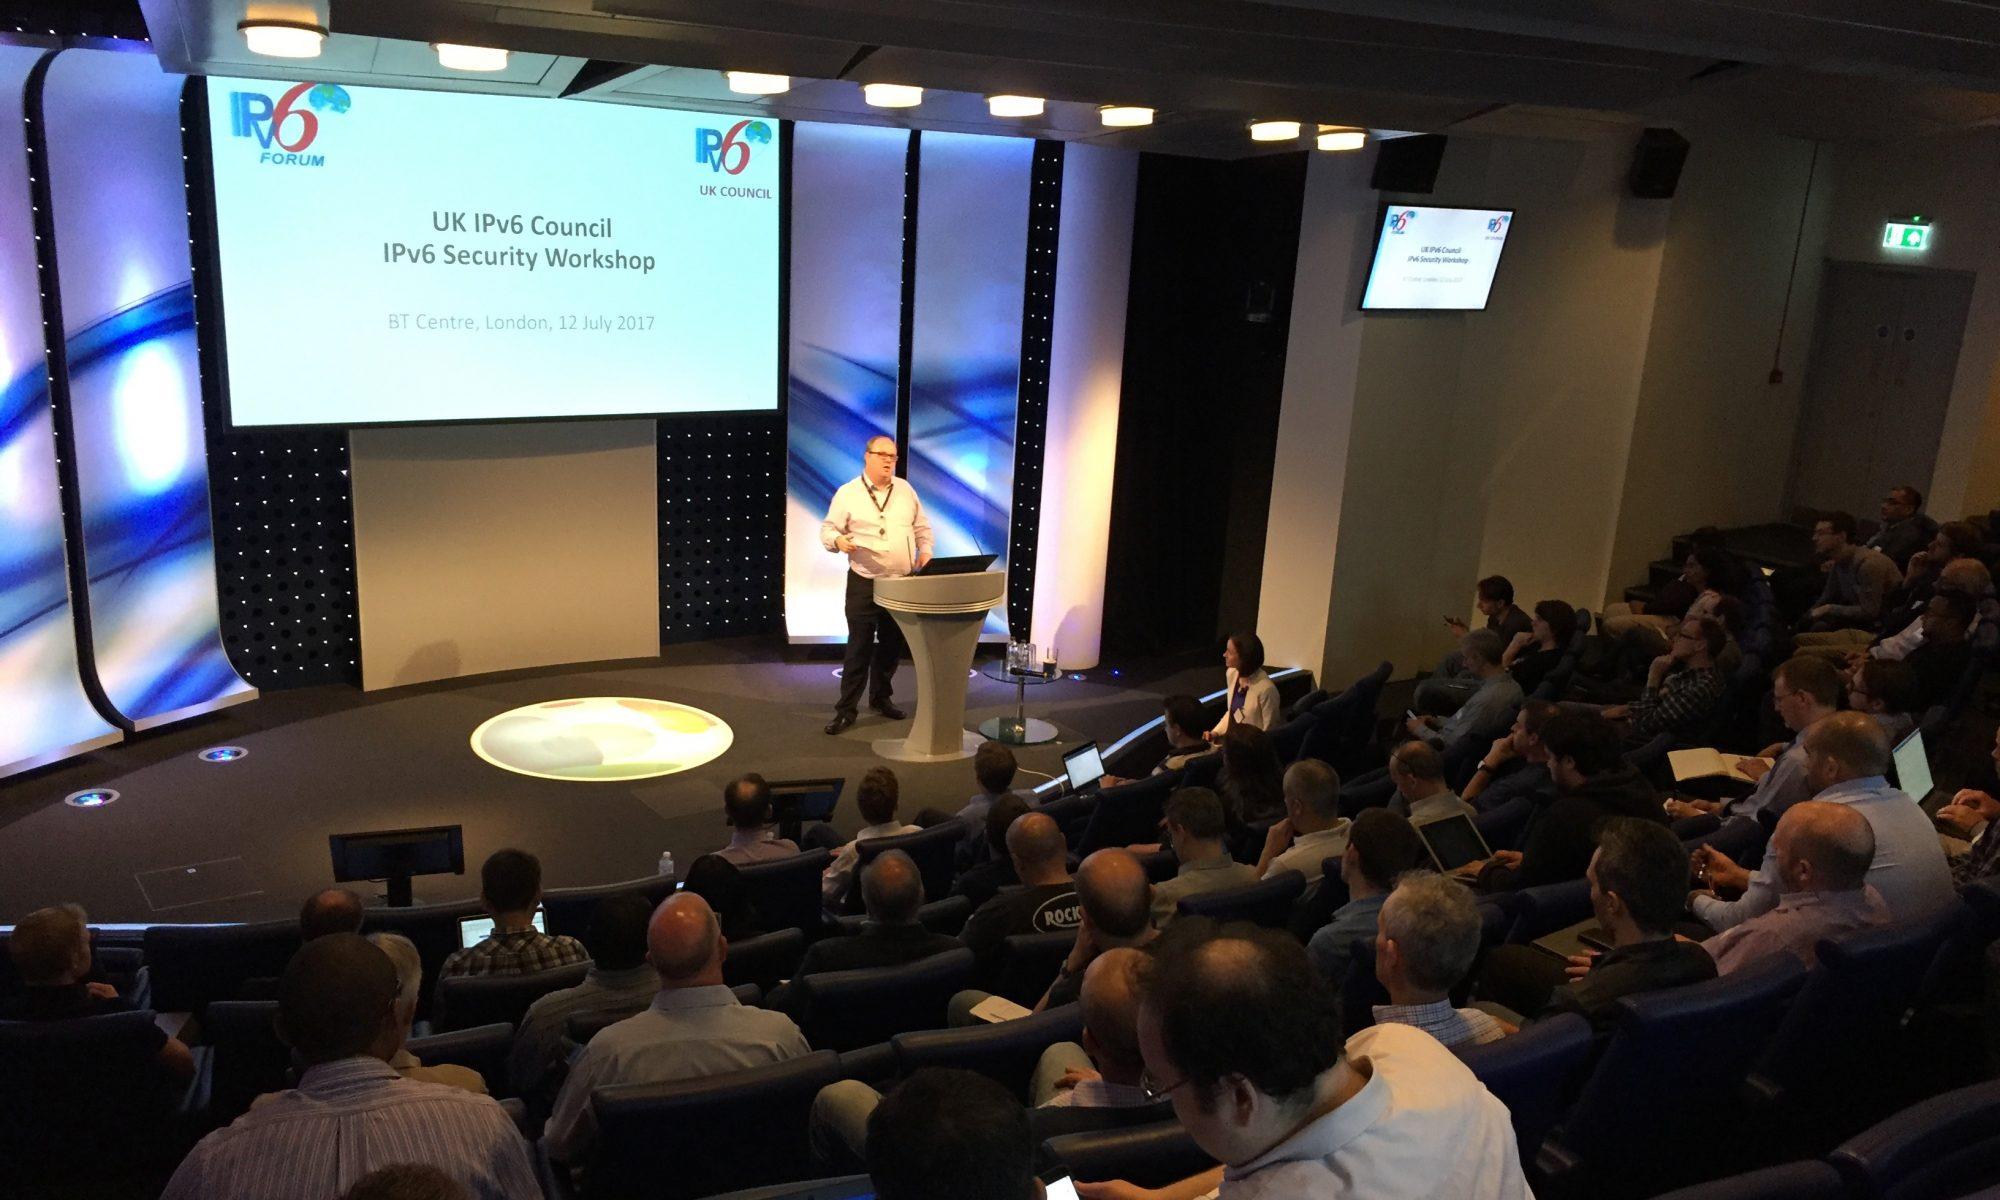 UK IPv6 Council